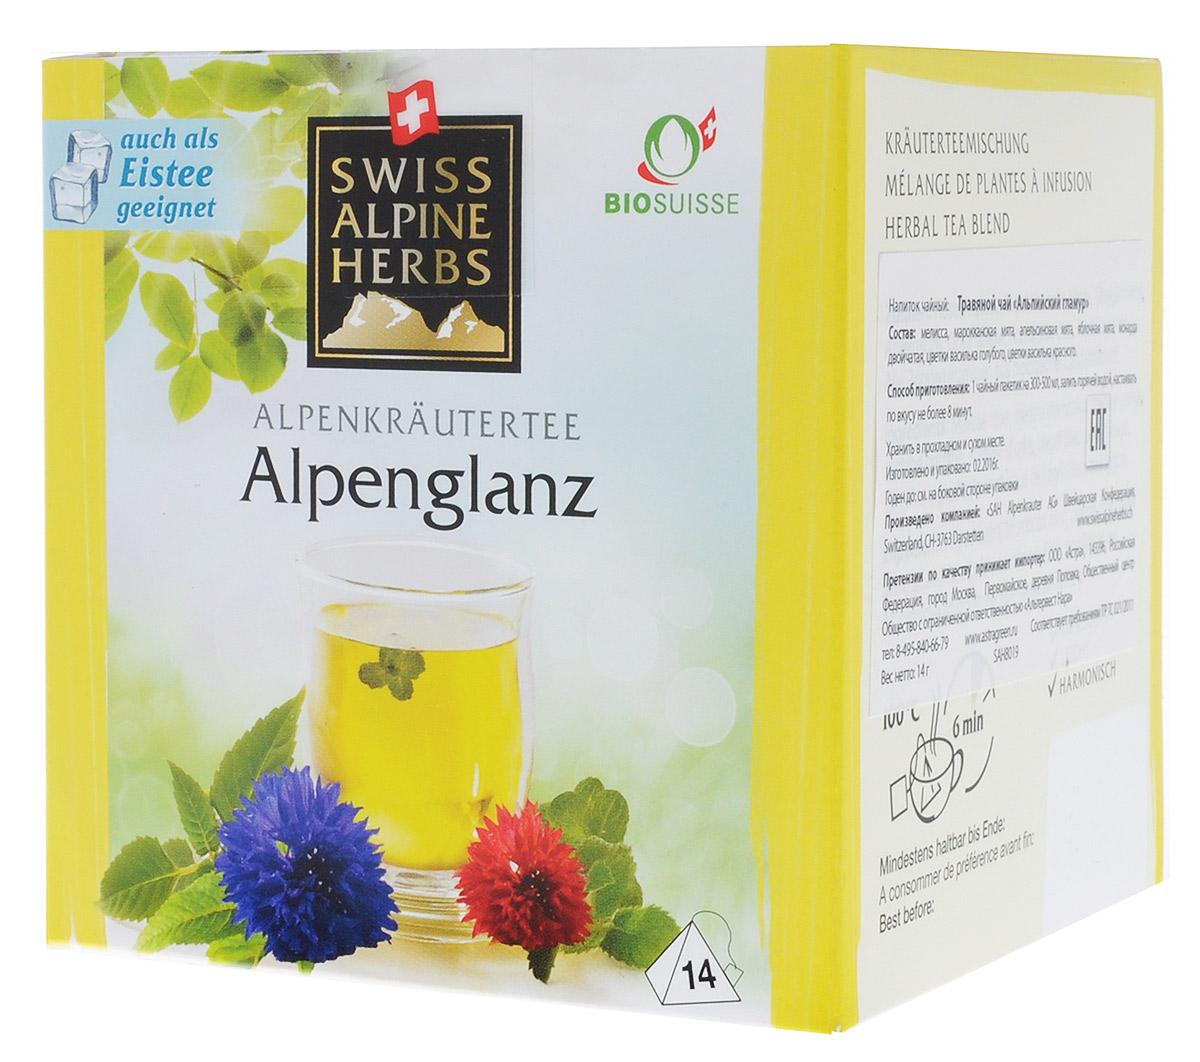 Swiss Alpine Herbs Альпийский гламур травяной чай в пакетиках, 14 штSAH8019Элитный чай в пирамидках Swiss Alpine Herbs - это вкусный, бодрящий и тонизирующий напиток. В его состав входят альпийские травы: мелисса, марокканская мята, апельсиновая мята, яблочная мята, двойчатая монарда, цветки голубого и красного василька. Это не просто вкусный, но и очень полезный чай, который обеспечит ваш организм необходимыми витаминами.